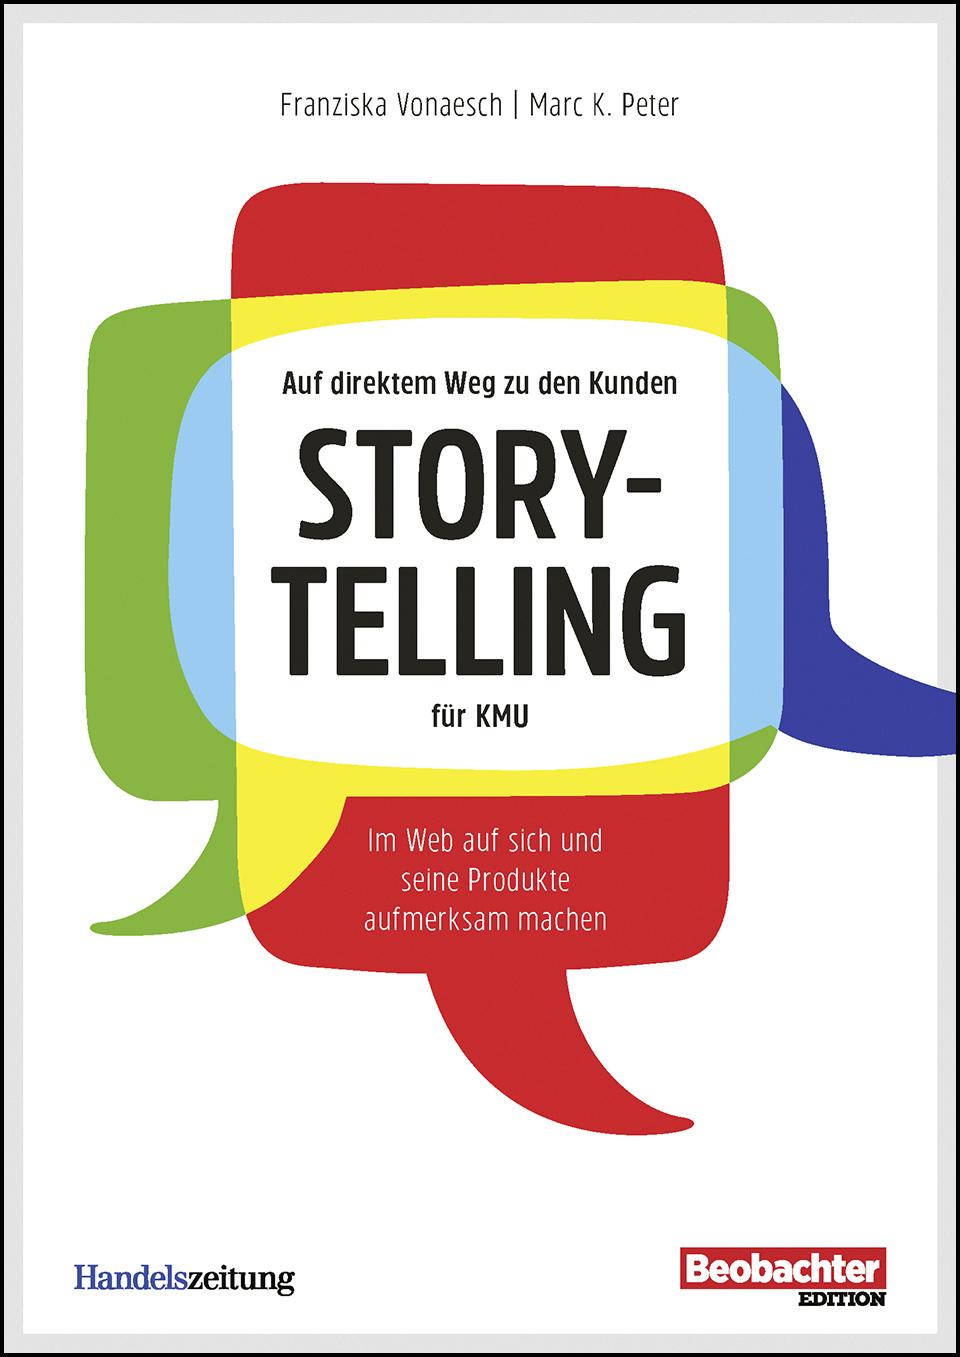 Storytelling für KMU - Beobachter Ratgeber von Franziska Vonaesch